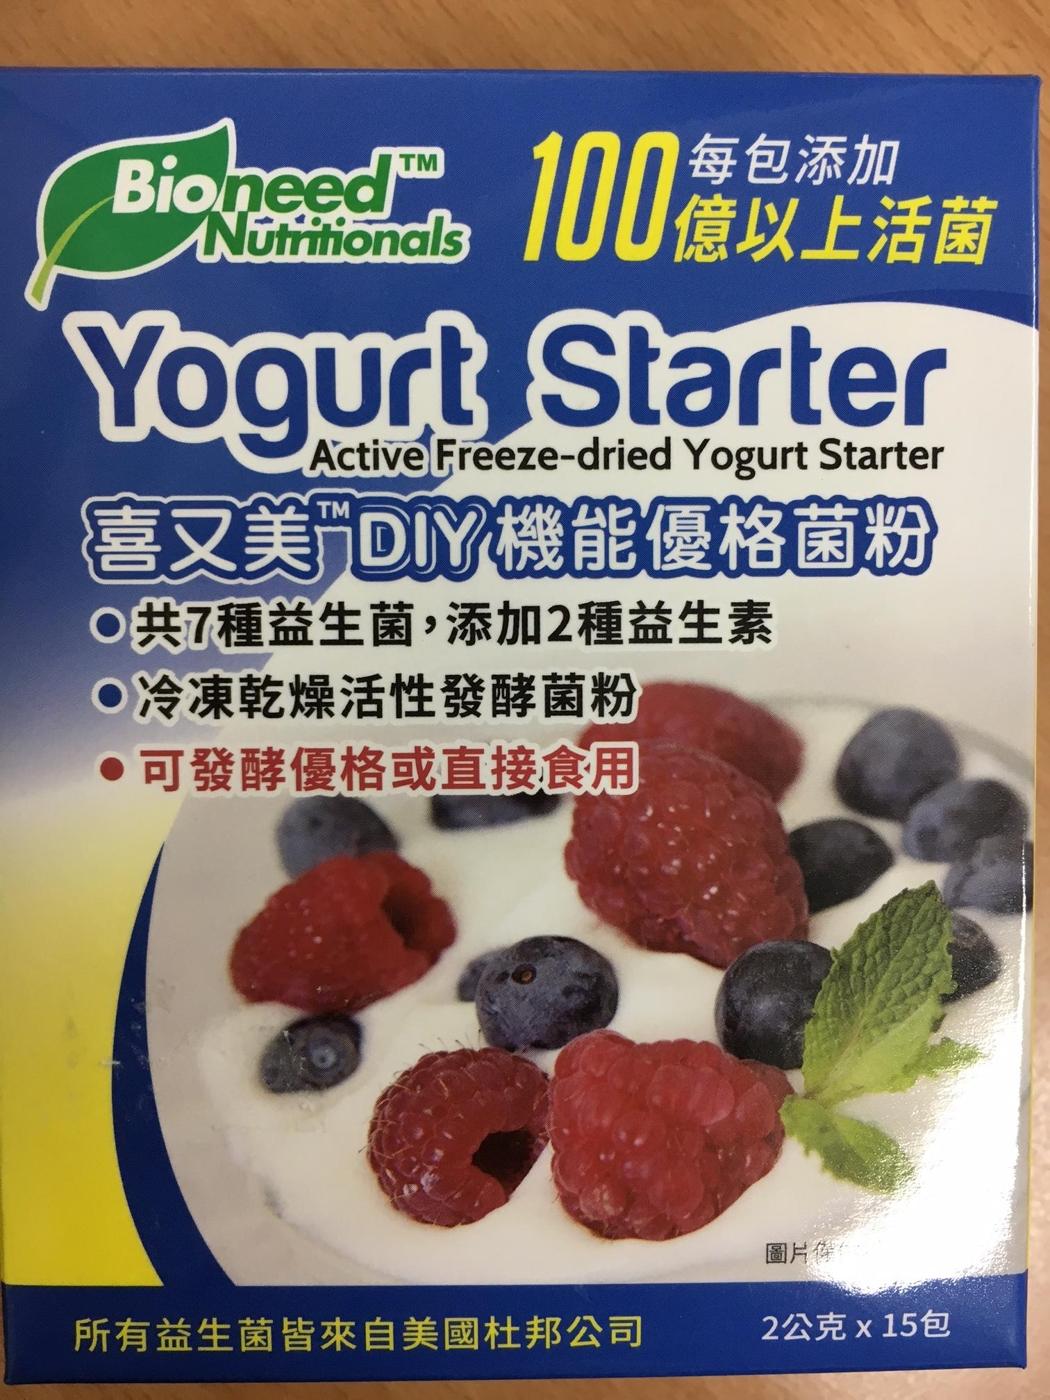 喜又美DIY機能優格菌粉2G*15包6盒純粹買菌粉不加送優格製造機器直接食用優格菌